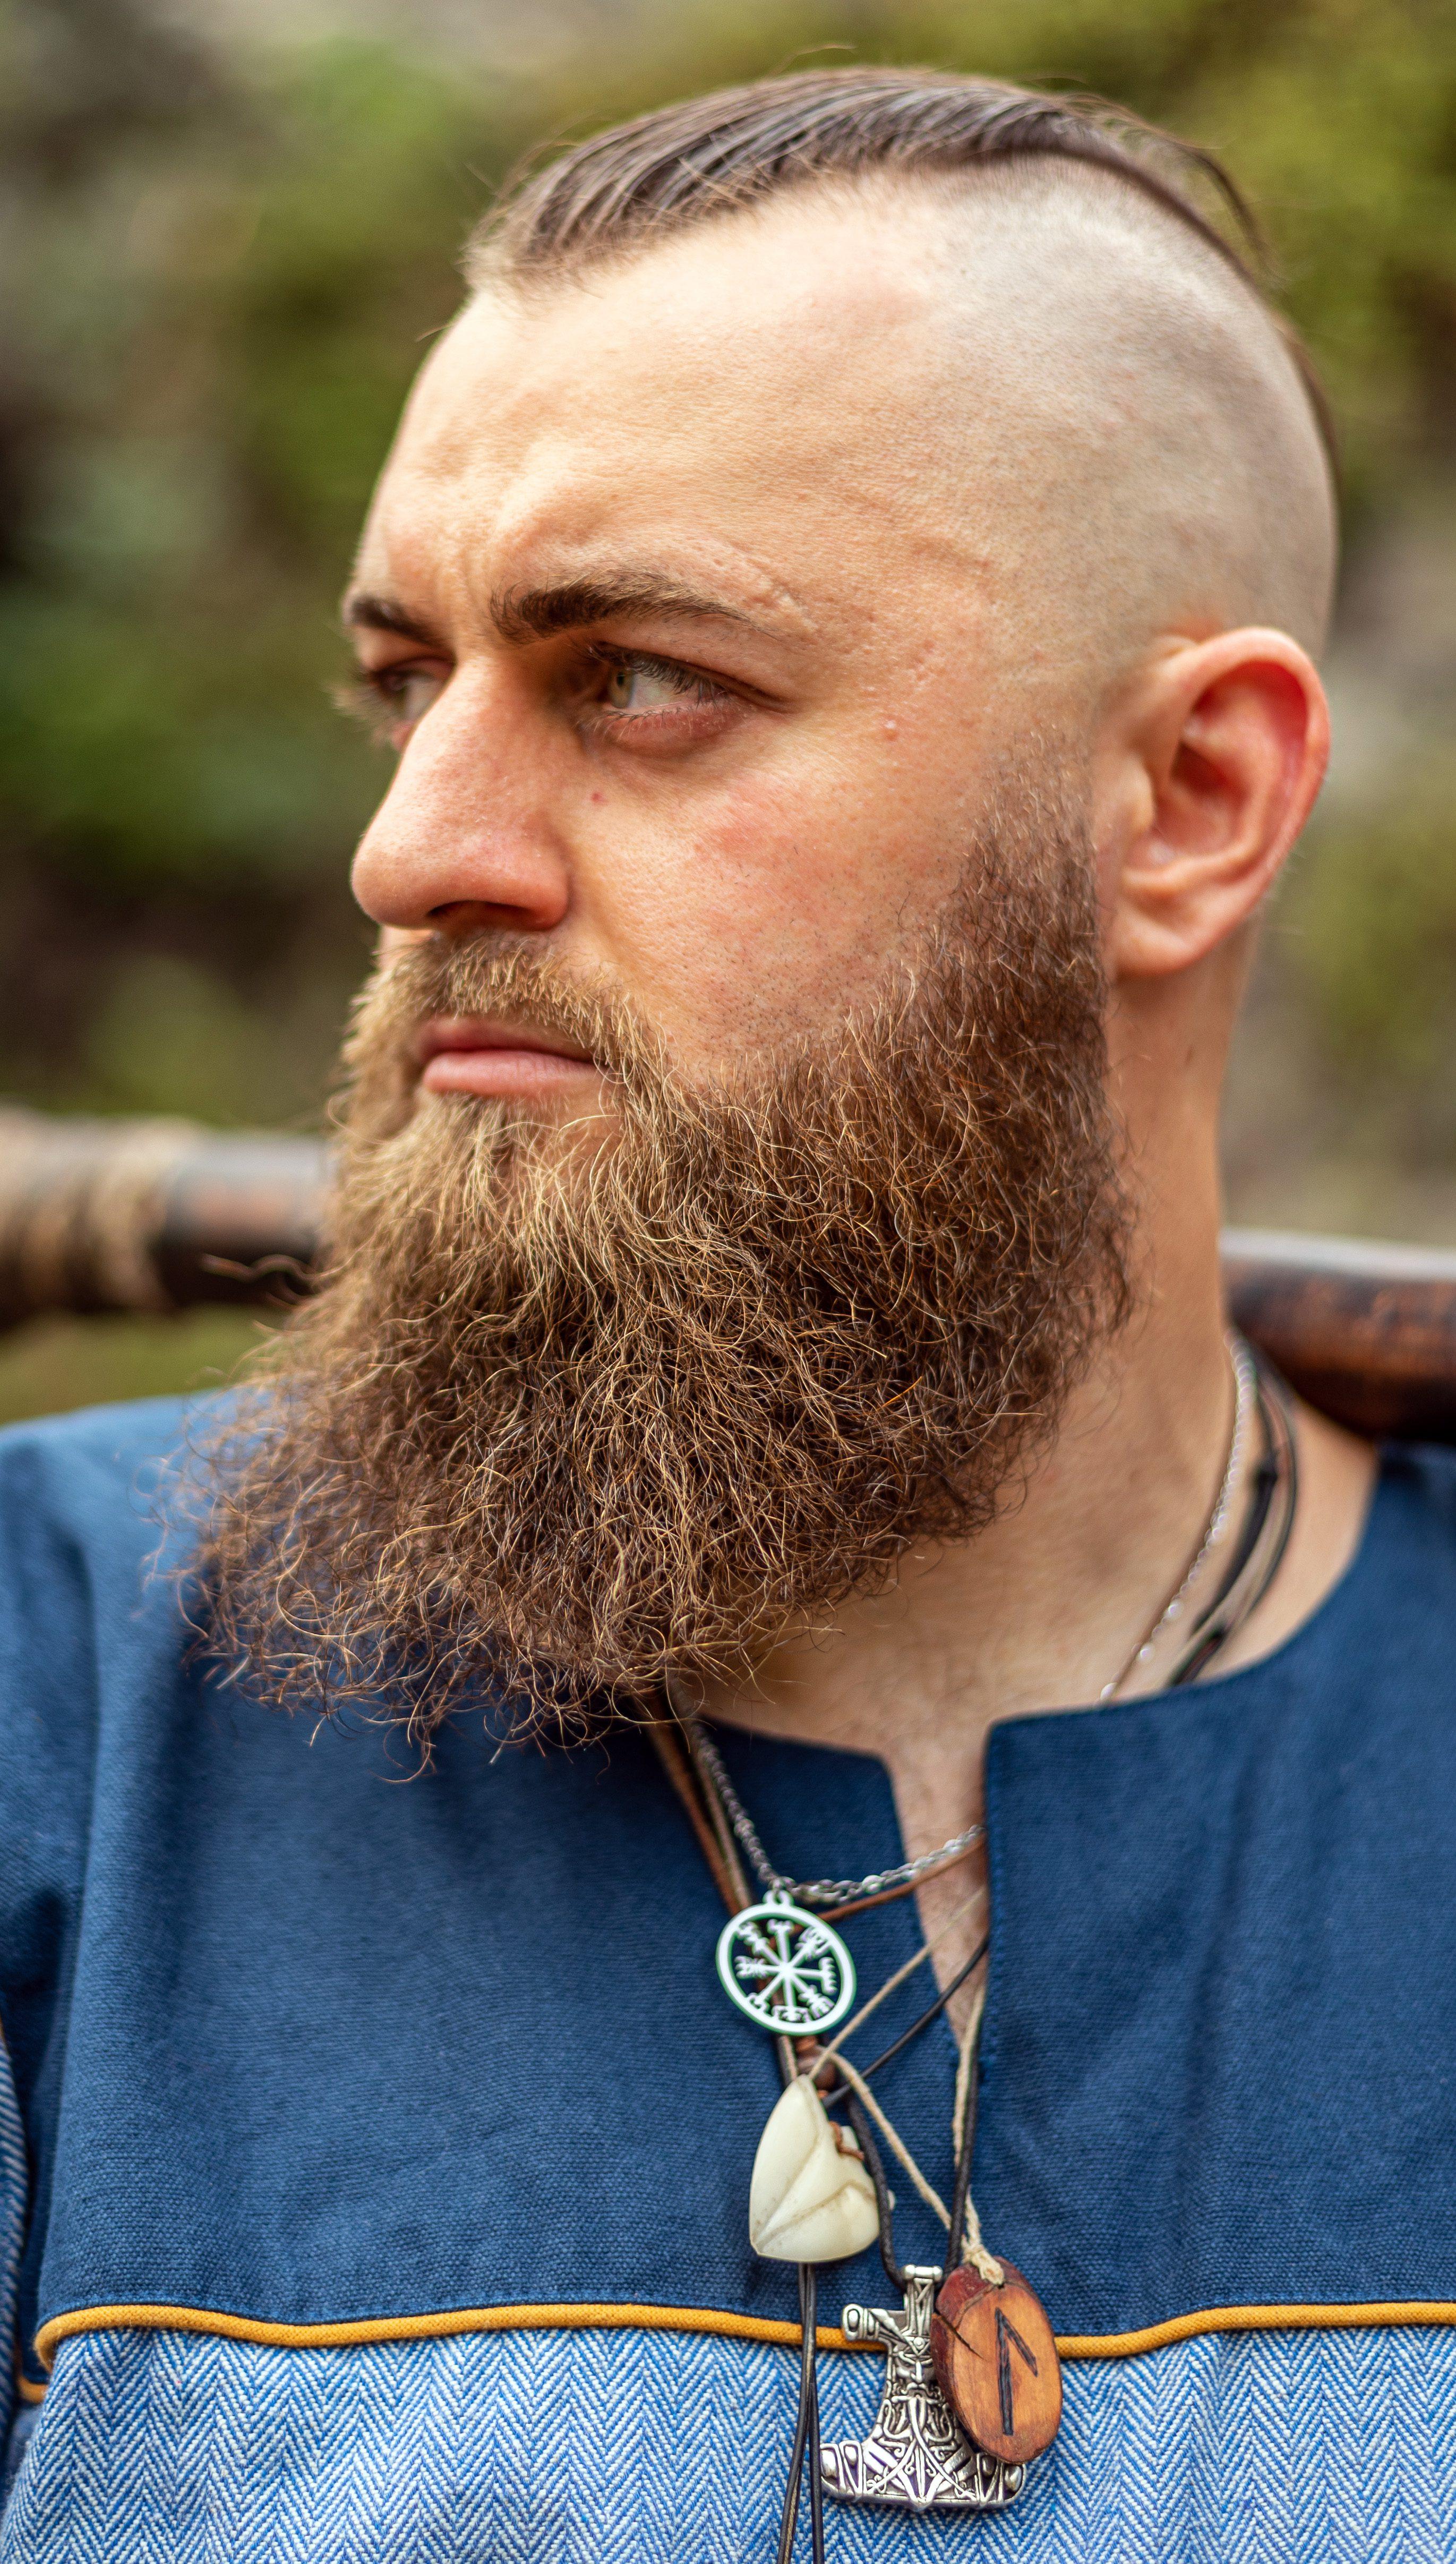 The OG Viking Look